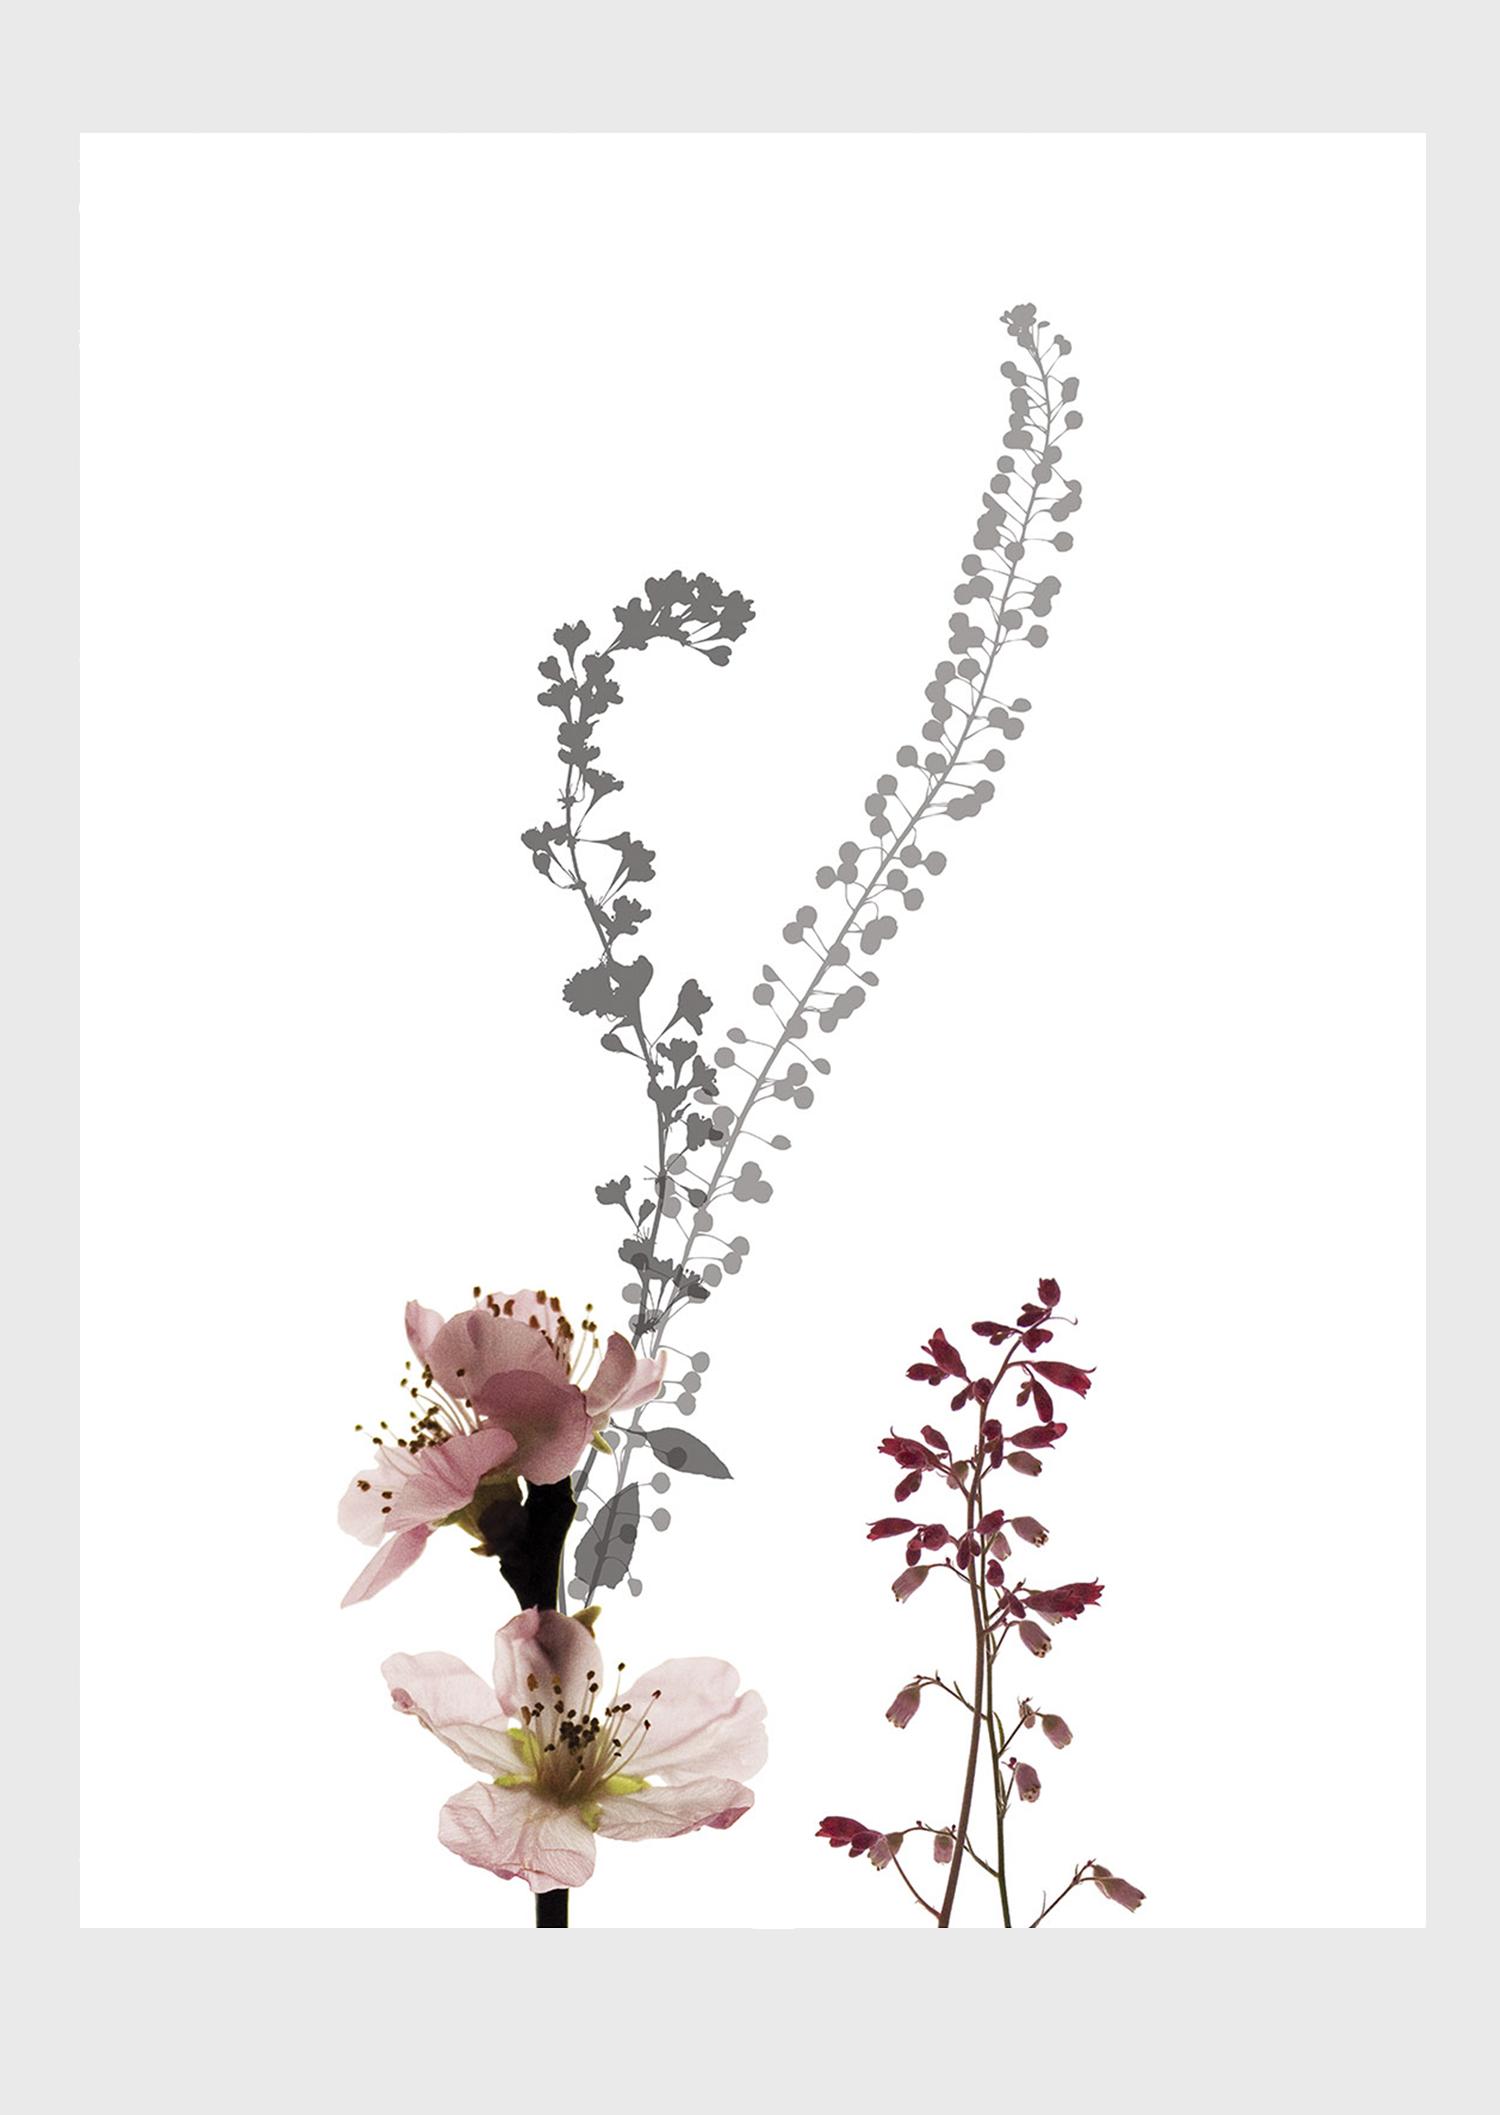 blossom_main.jpg